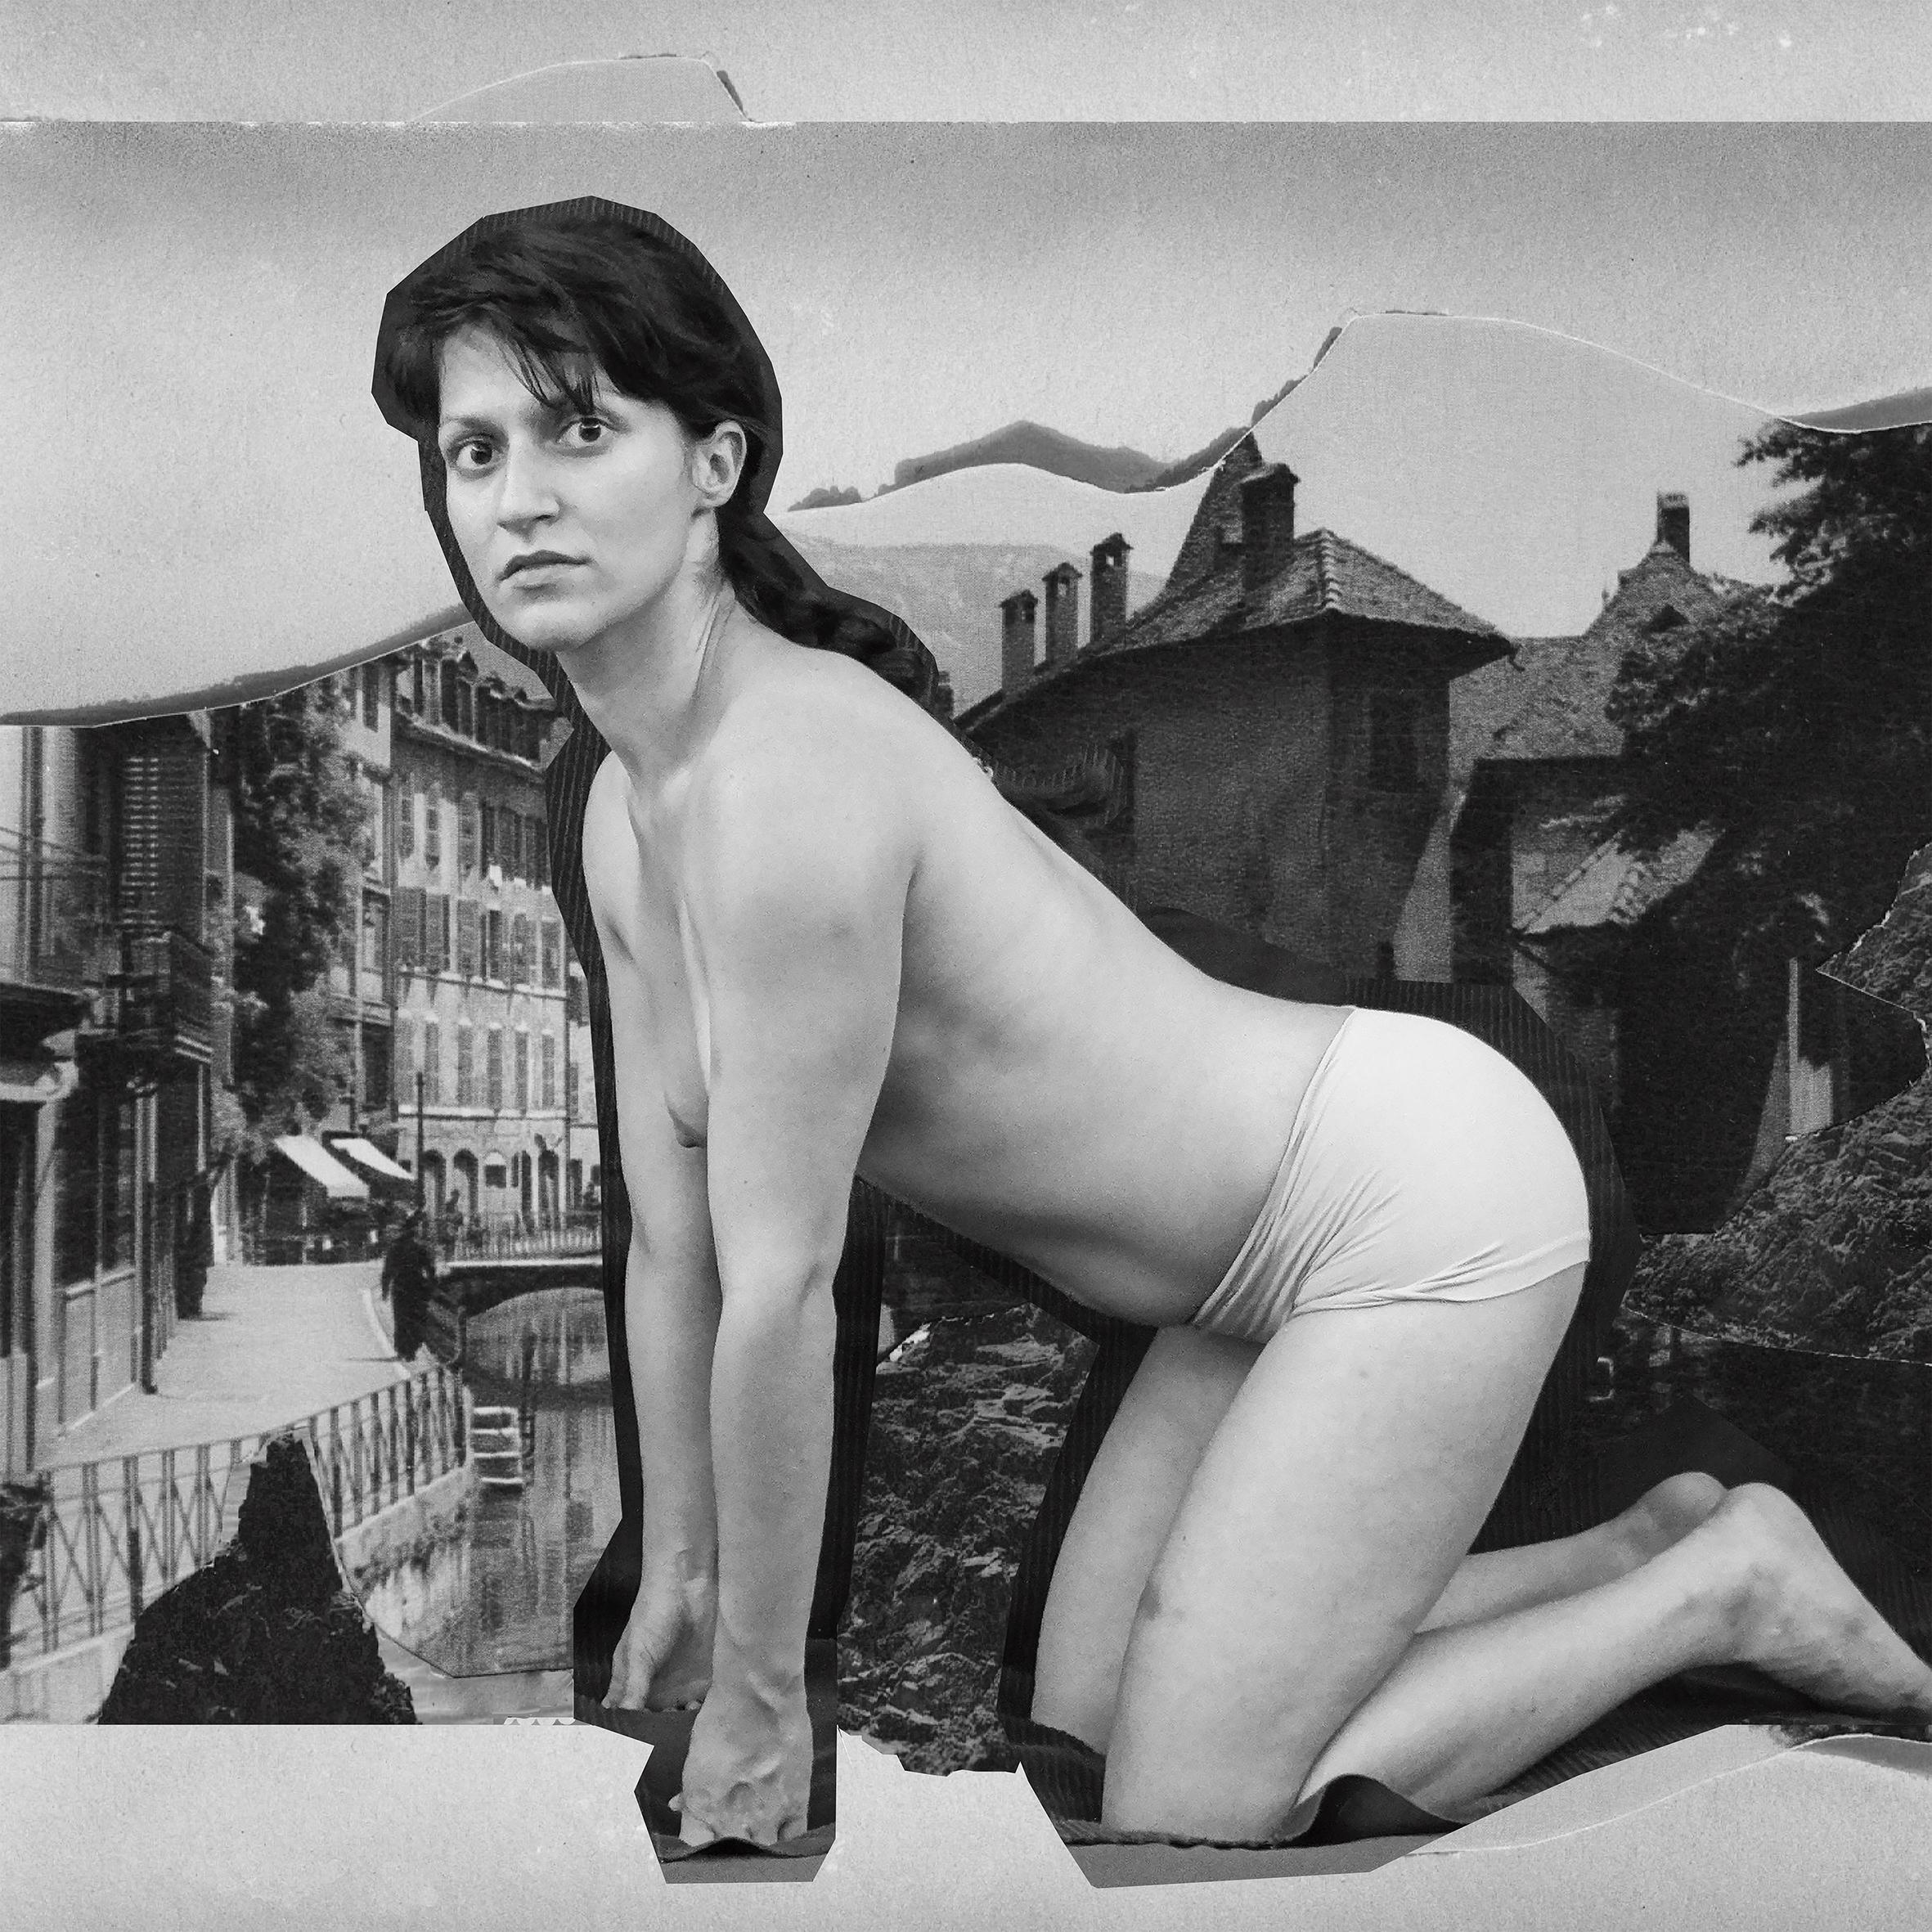 Μαρία Παπαδημητρίου, The Sphinx and the Riddle, 2016 Ψηφιακή εκτύπωση σε καμβά 200 x 200 cm Libreria delle Donne, Μιλάνο